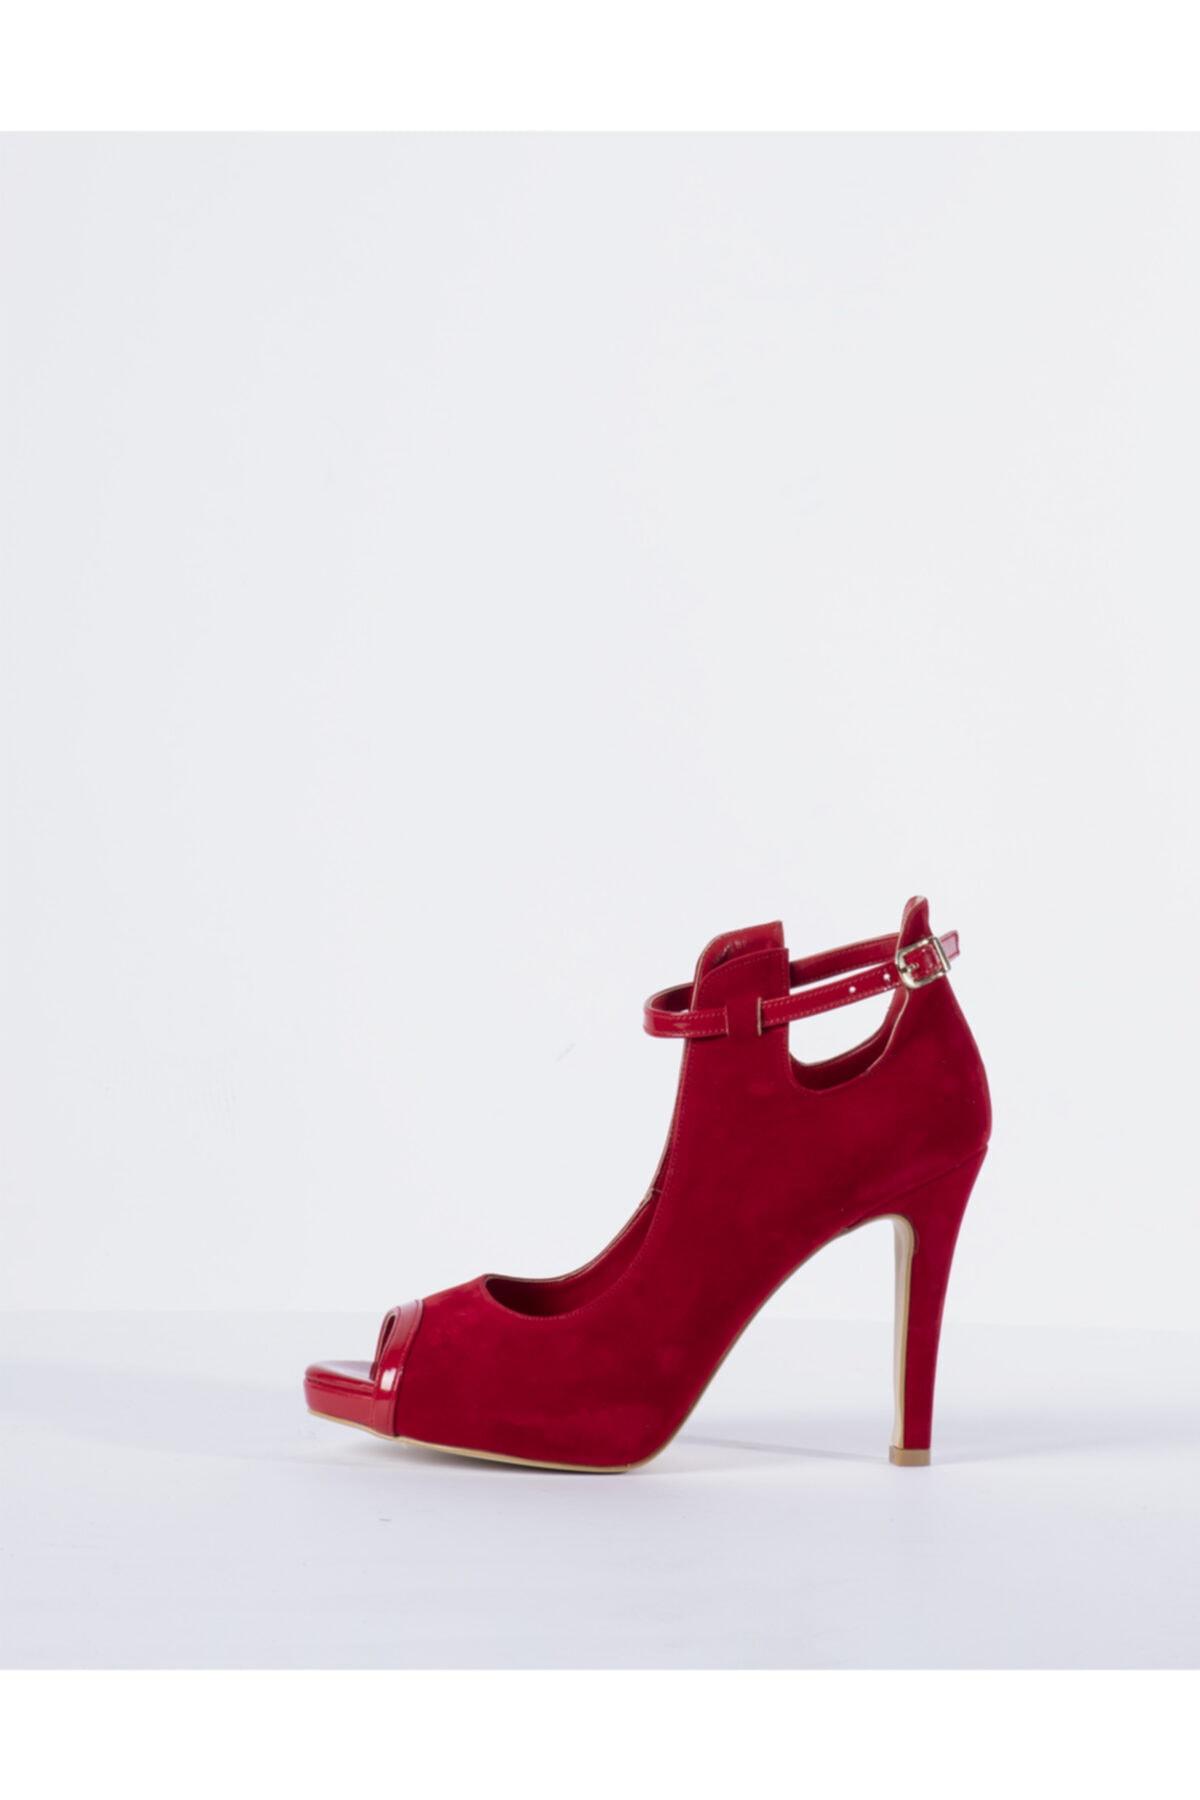 Vision Kadın Kırmızı Topuklu Ayakkabı 1